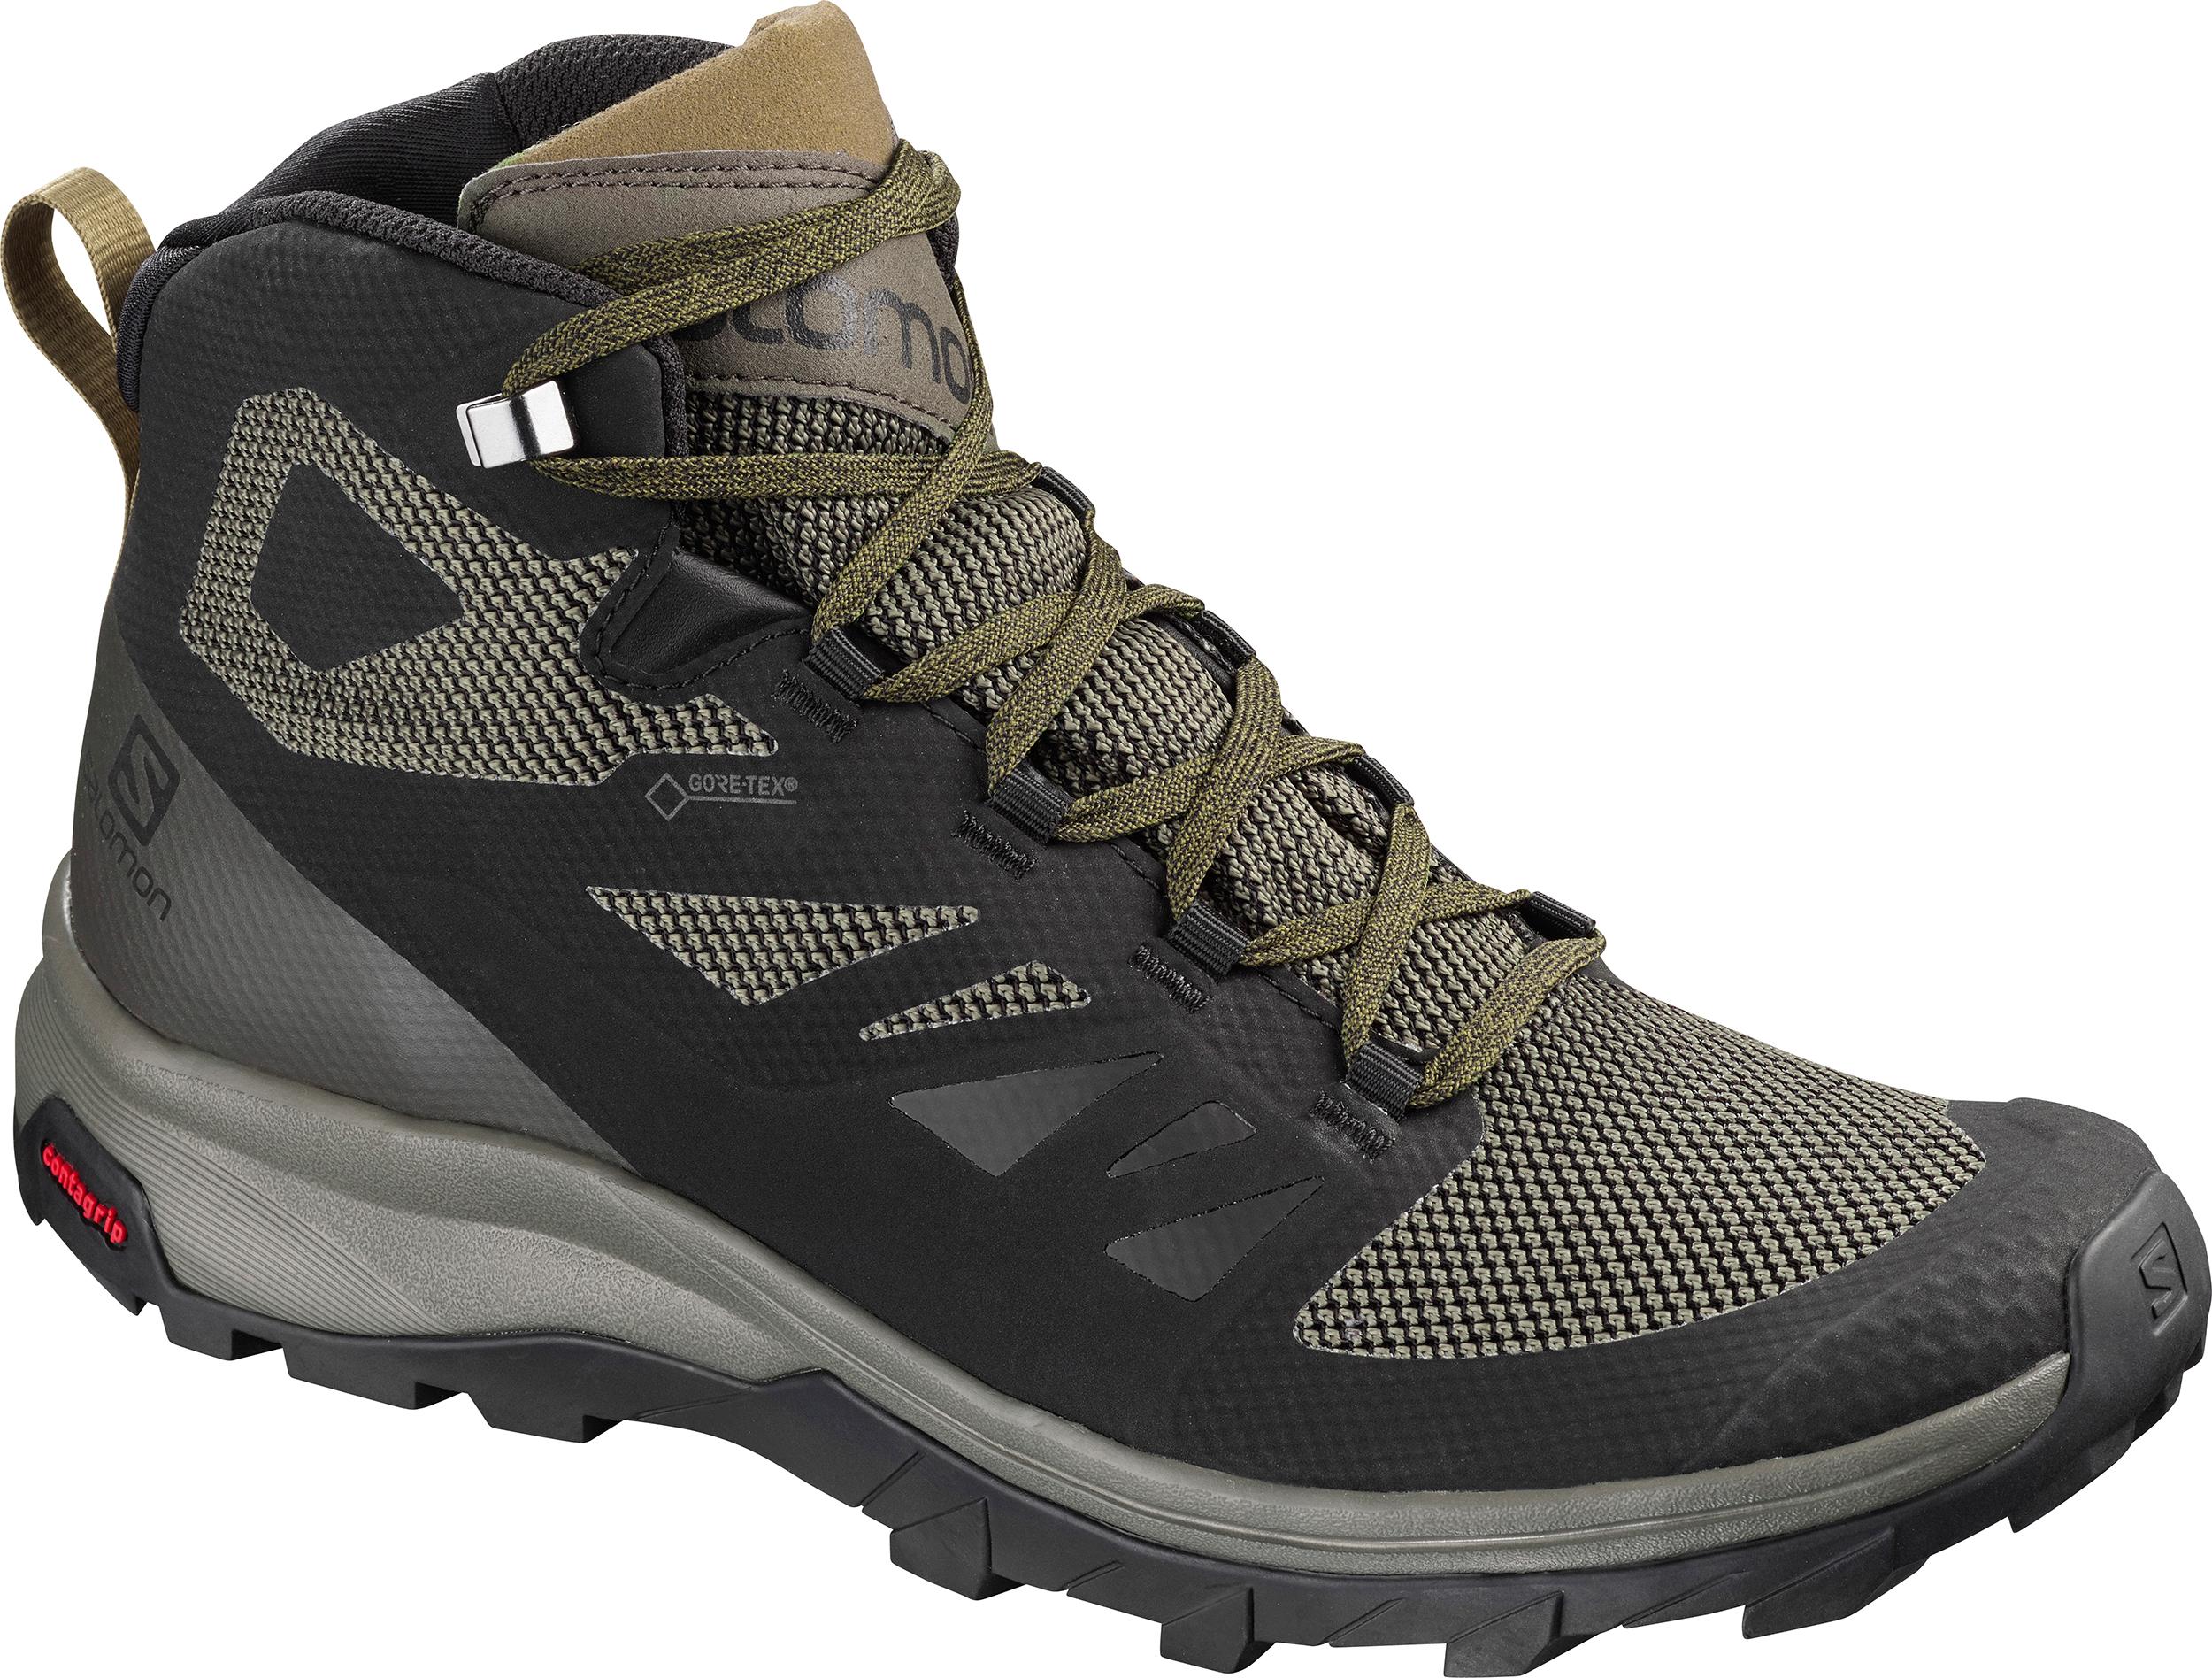 separation shoes c83a6 59af0 Salomon Outline Mid Gore-Tex Trail Shoes - Men's